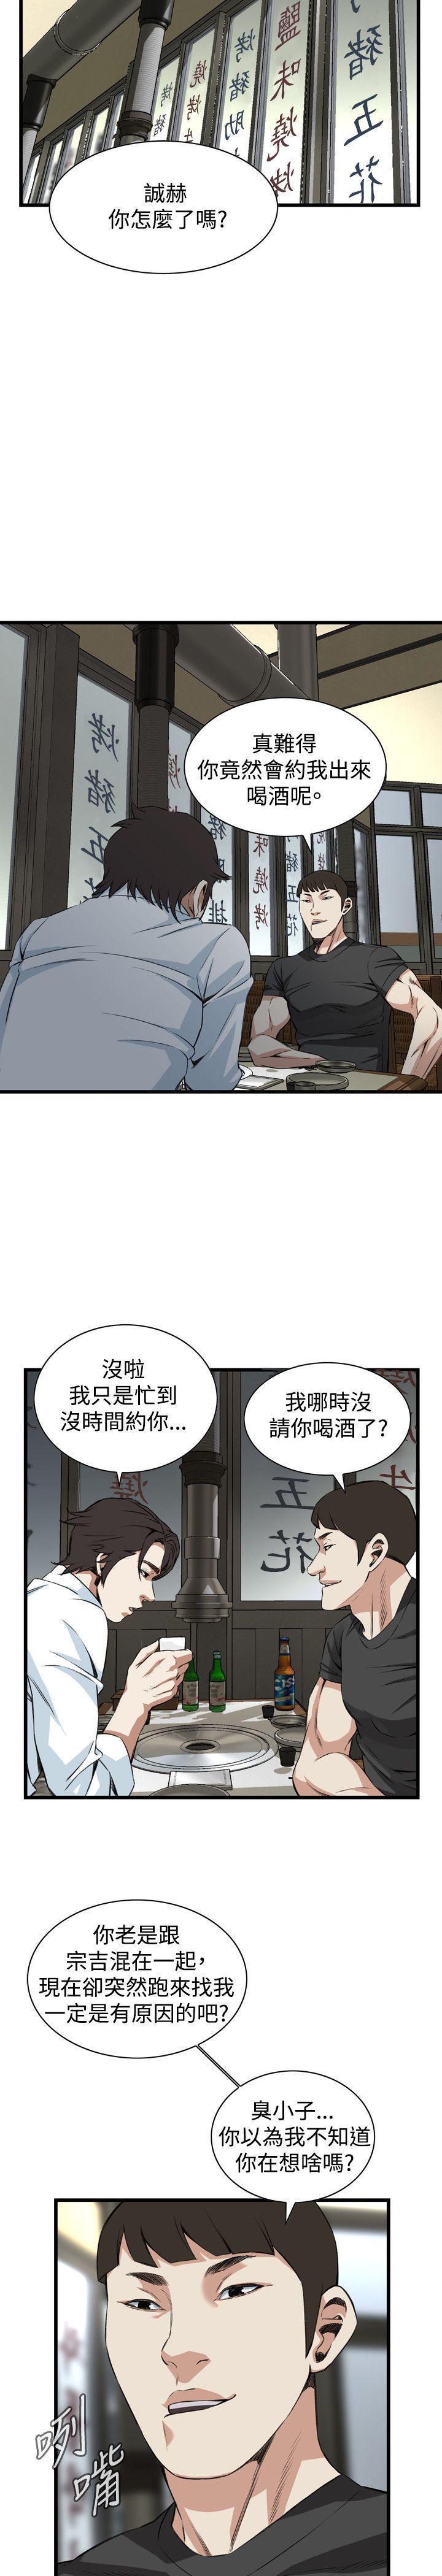 偷窥72-93 Chinese Rsiky 21